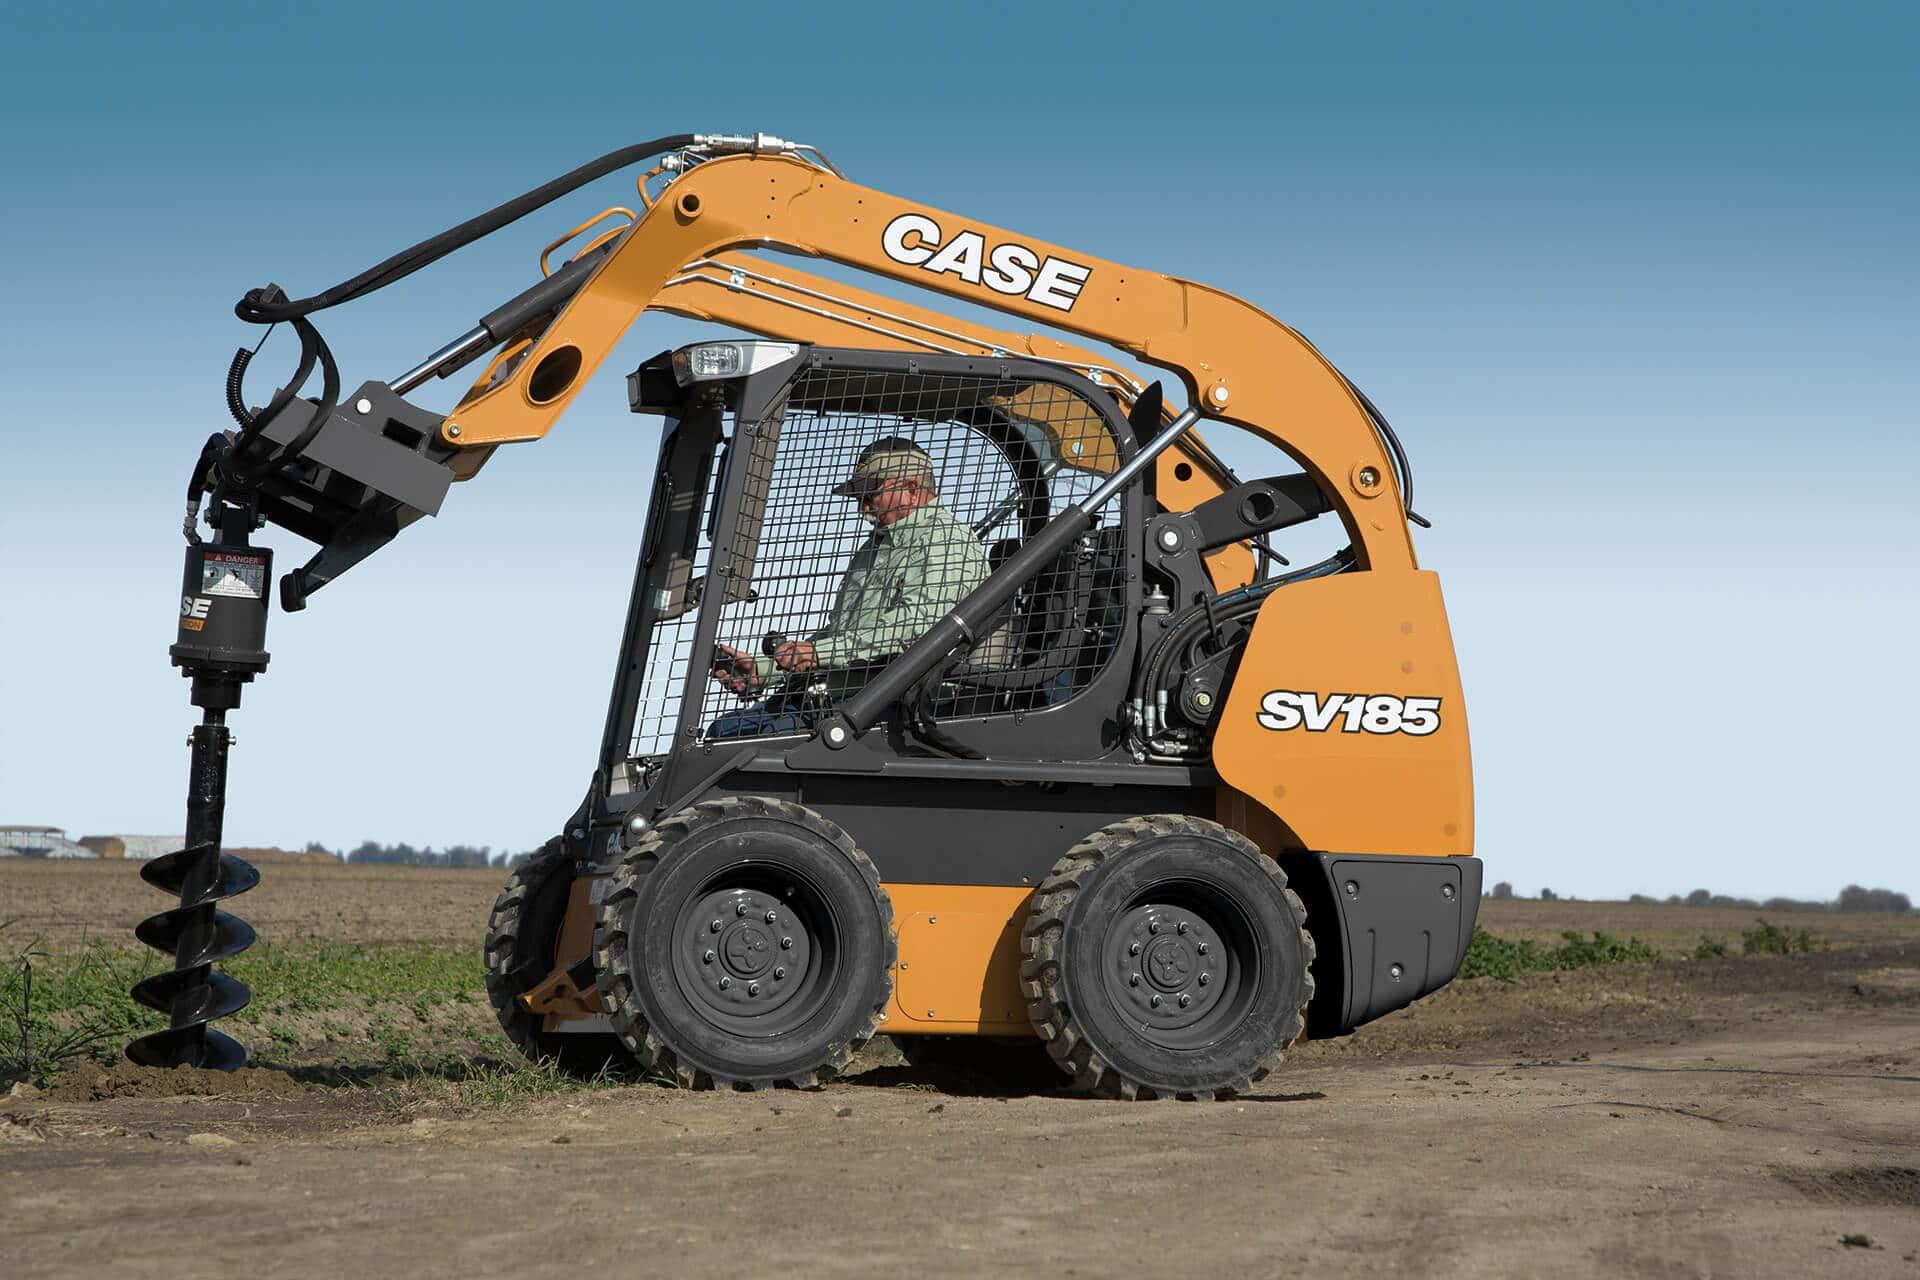 CASE SV185 Skid Steer Loader | CASE Construction Equipment